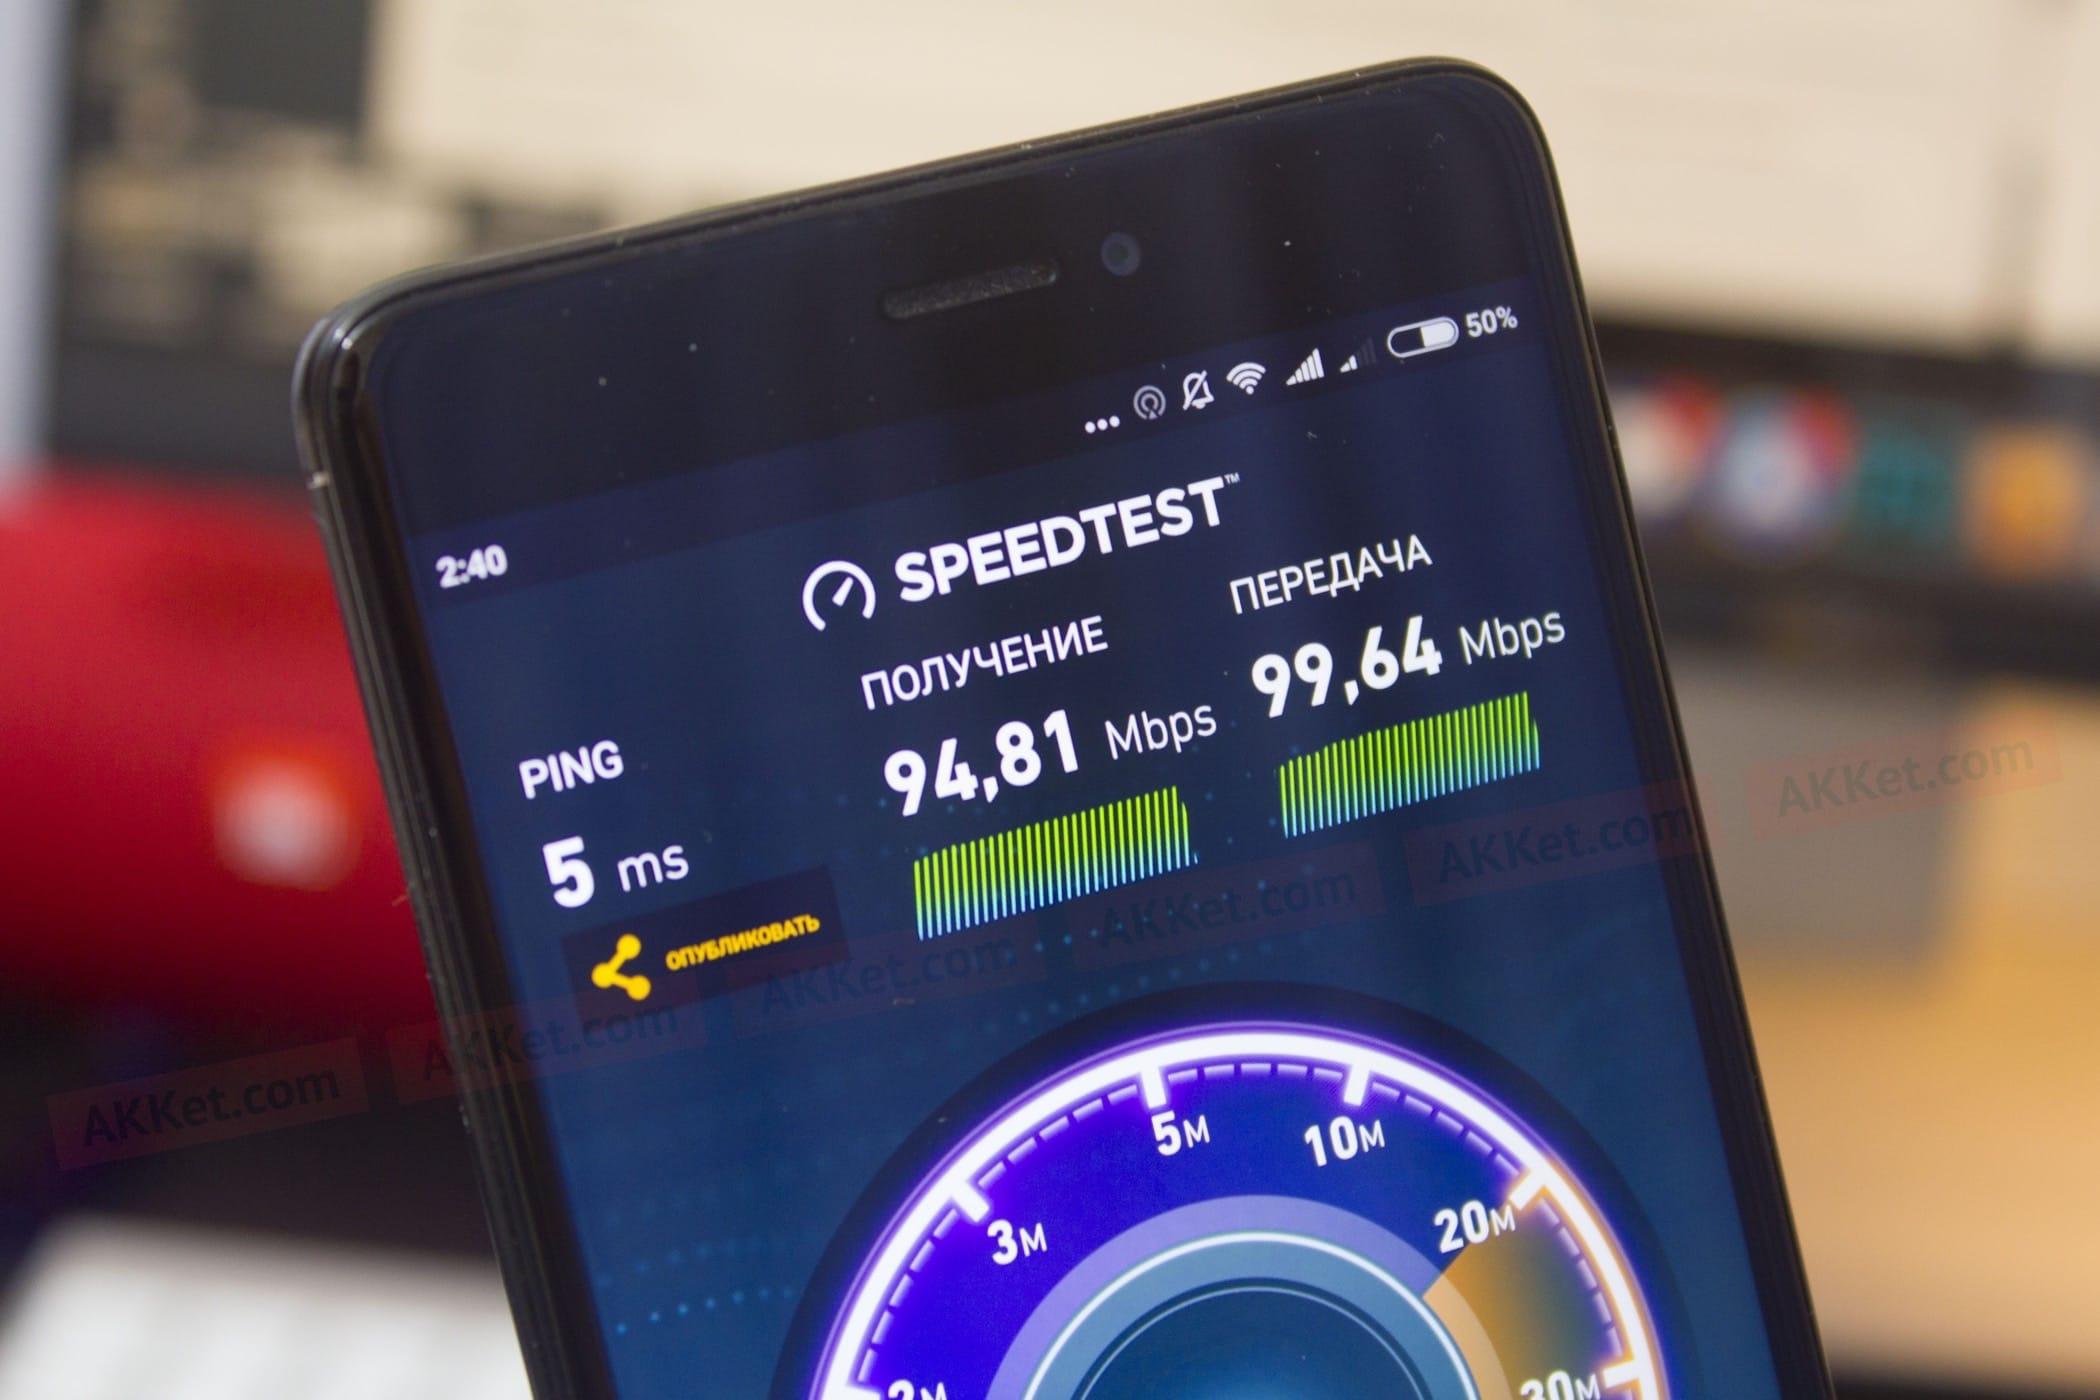 Скрытая настройка во всех Android-смартфонах ощутимо повышает скорость интернета